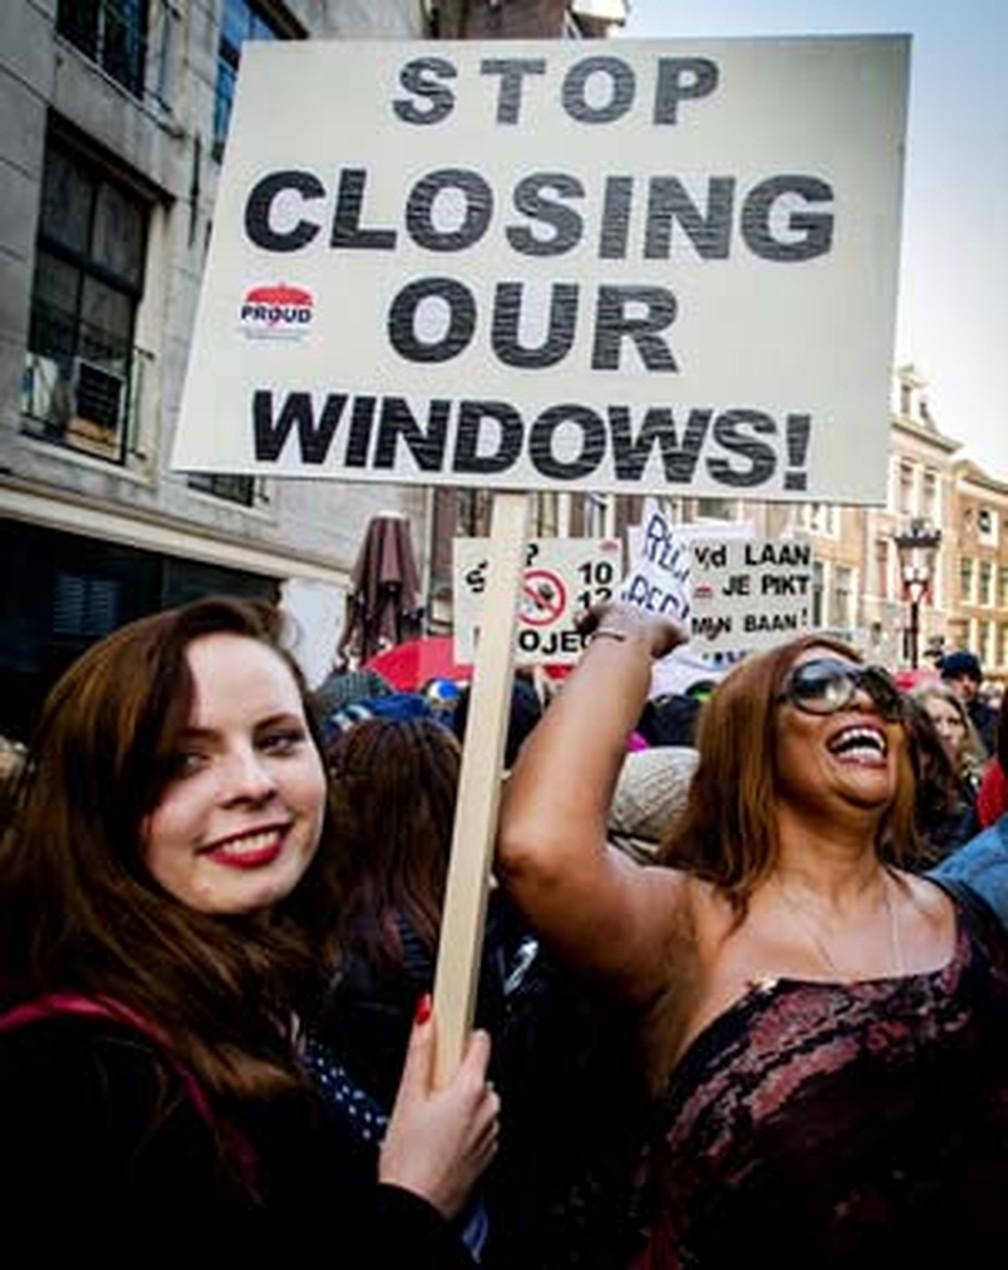 Protesto realizado em 2015, em Amsterdã, contesta fechamento de vitrines de prostitutas do bairro da luz vermelha — Foto: AFP PHOTO / ANP / ROBIN VAN LONKHUIJSEN